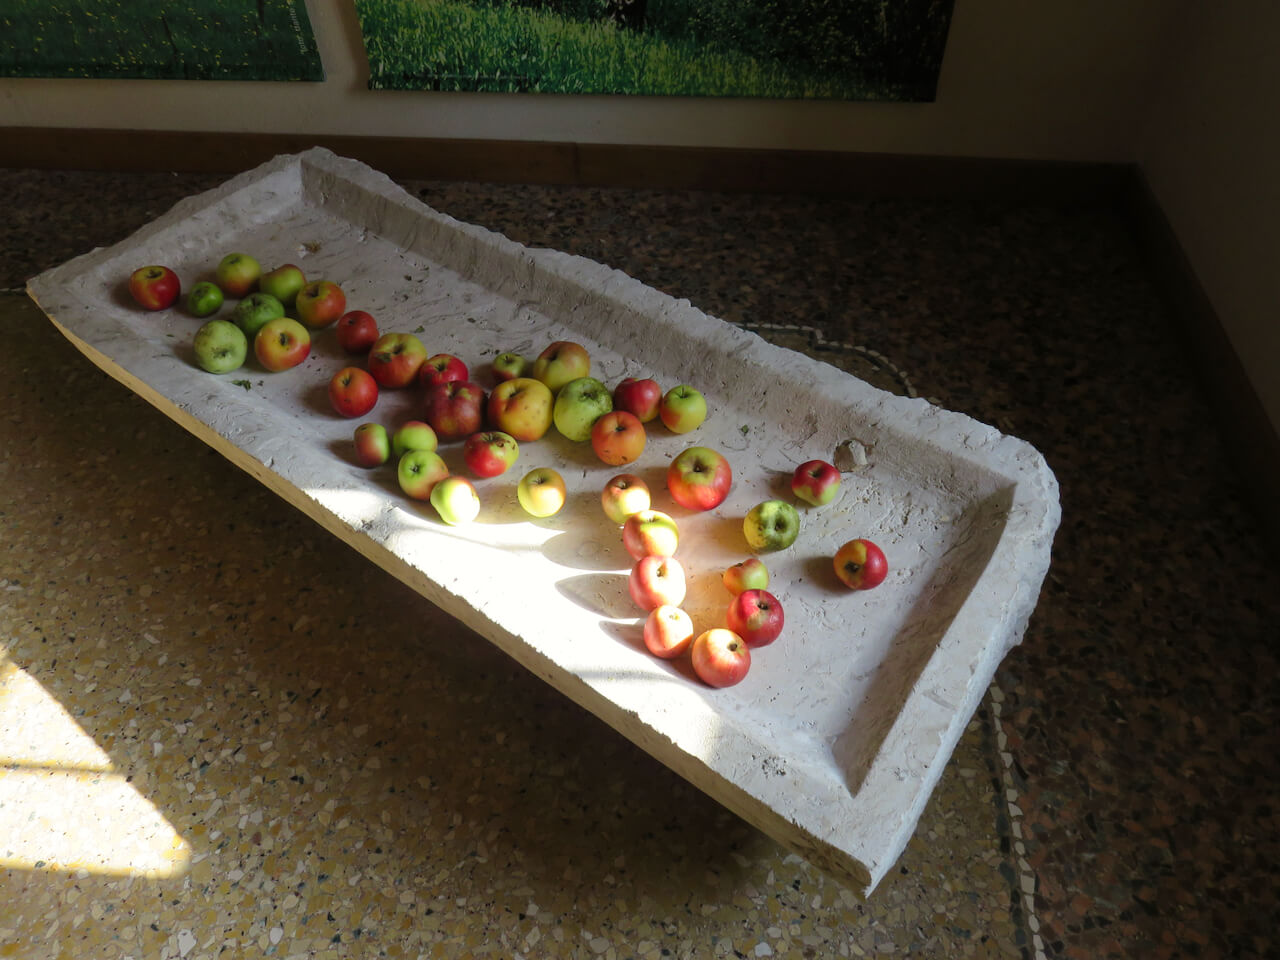 Tavoli Da Giardino Antichi.La Mostra Delle Mele Antiche Storie Nascoste Del Friuli Luca Vivan